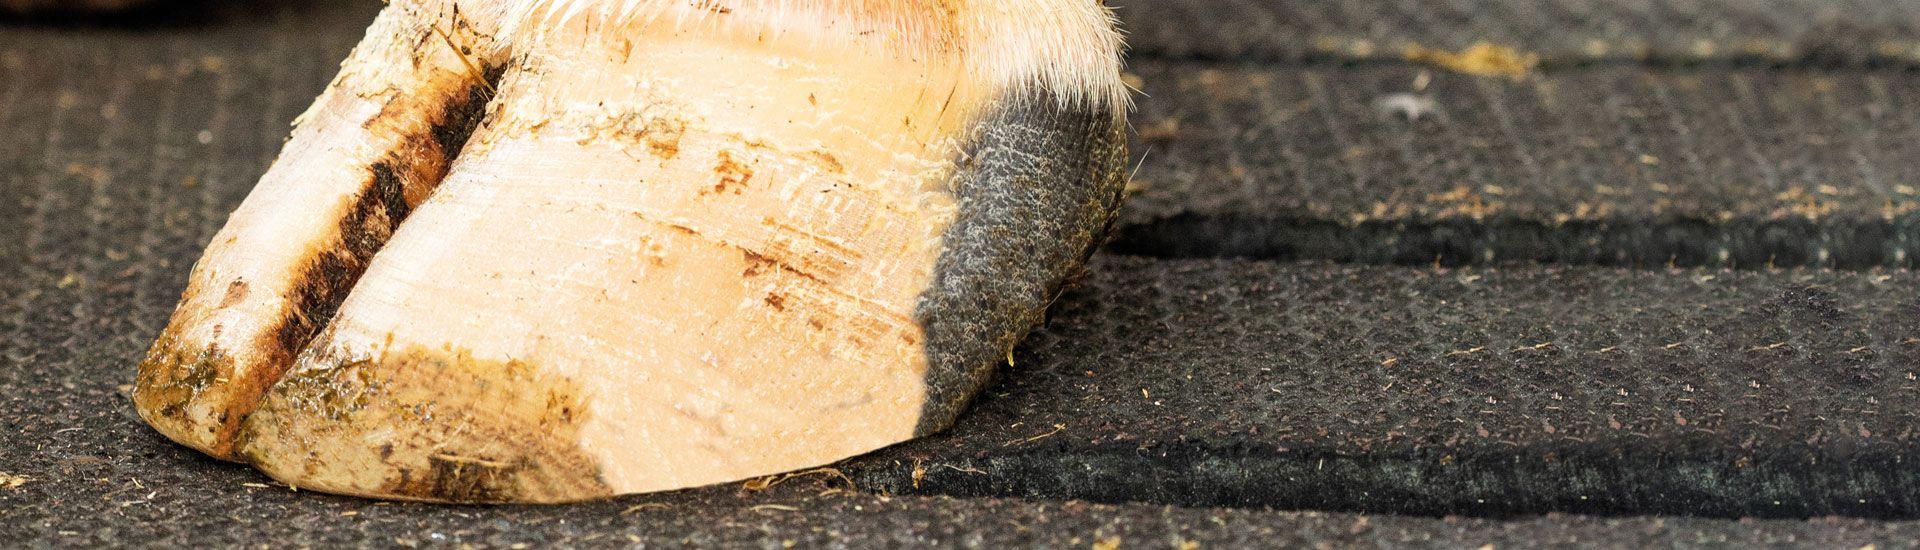 Gummimatten für Rinder auf Spaltenboden